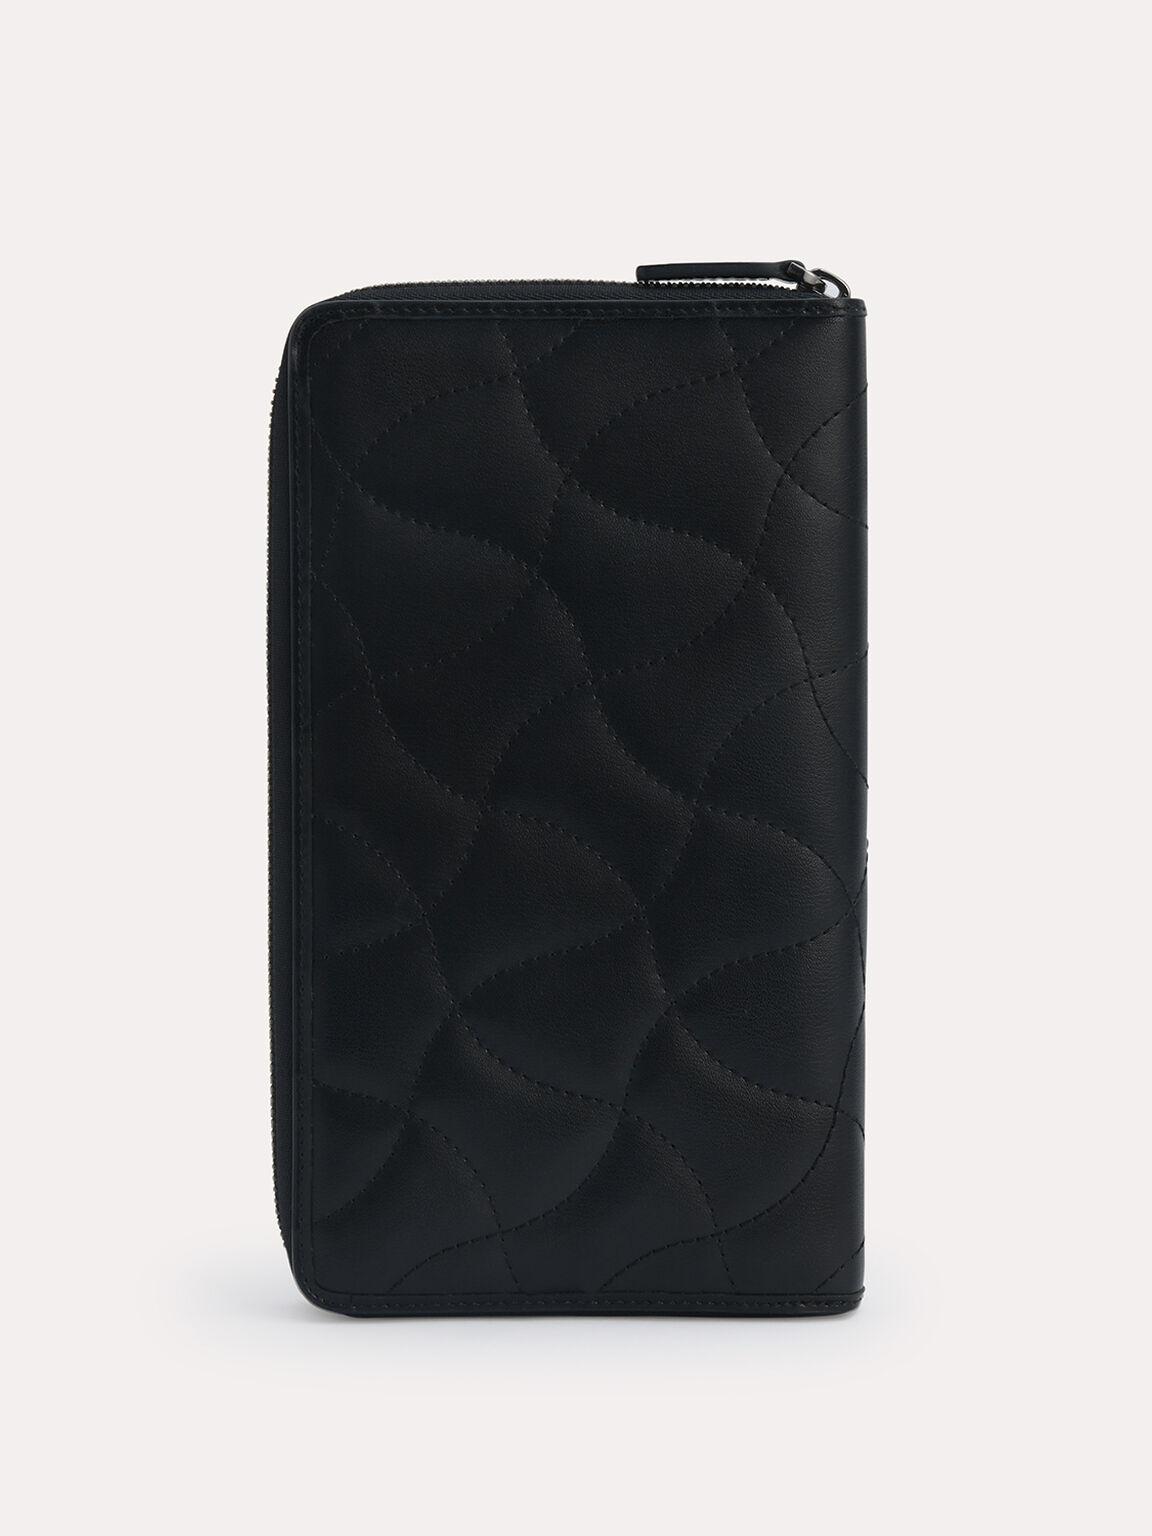 絎縫皮革旅行包, 黑色, hi-res